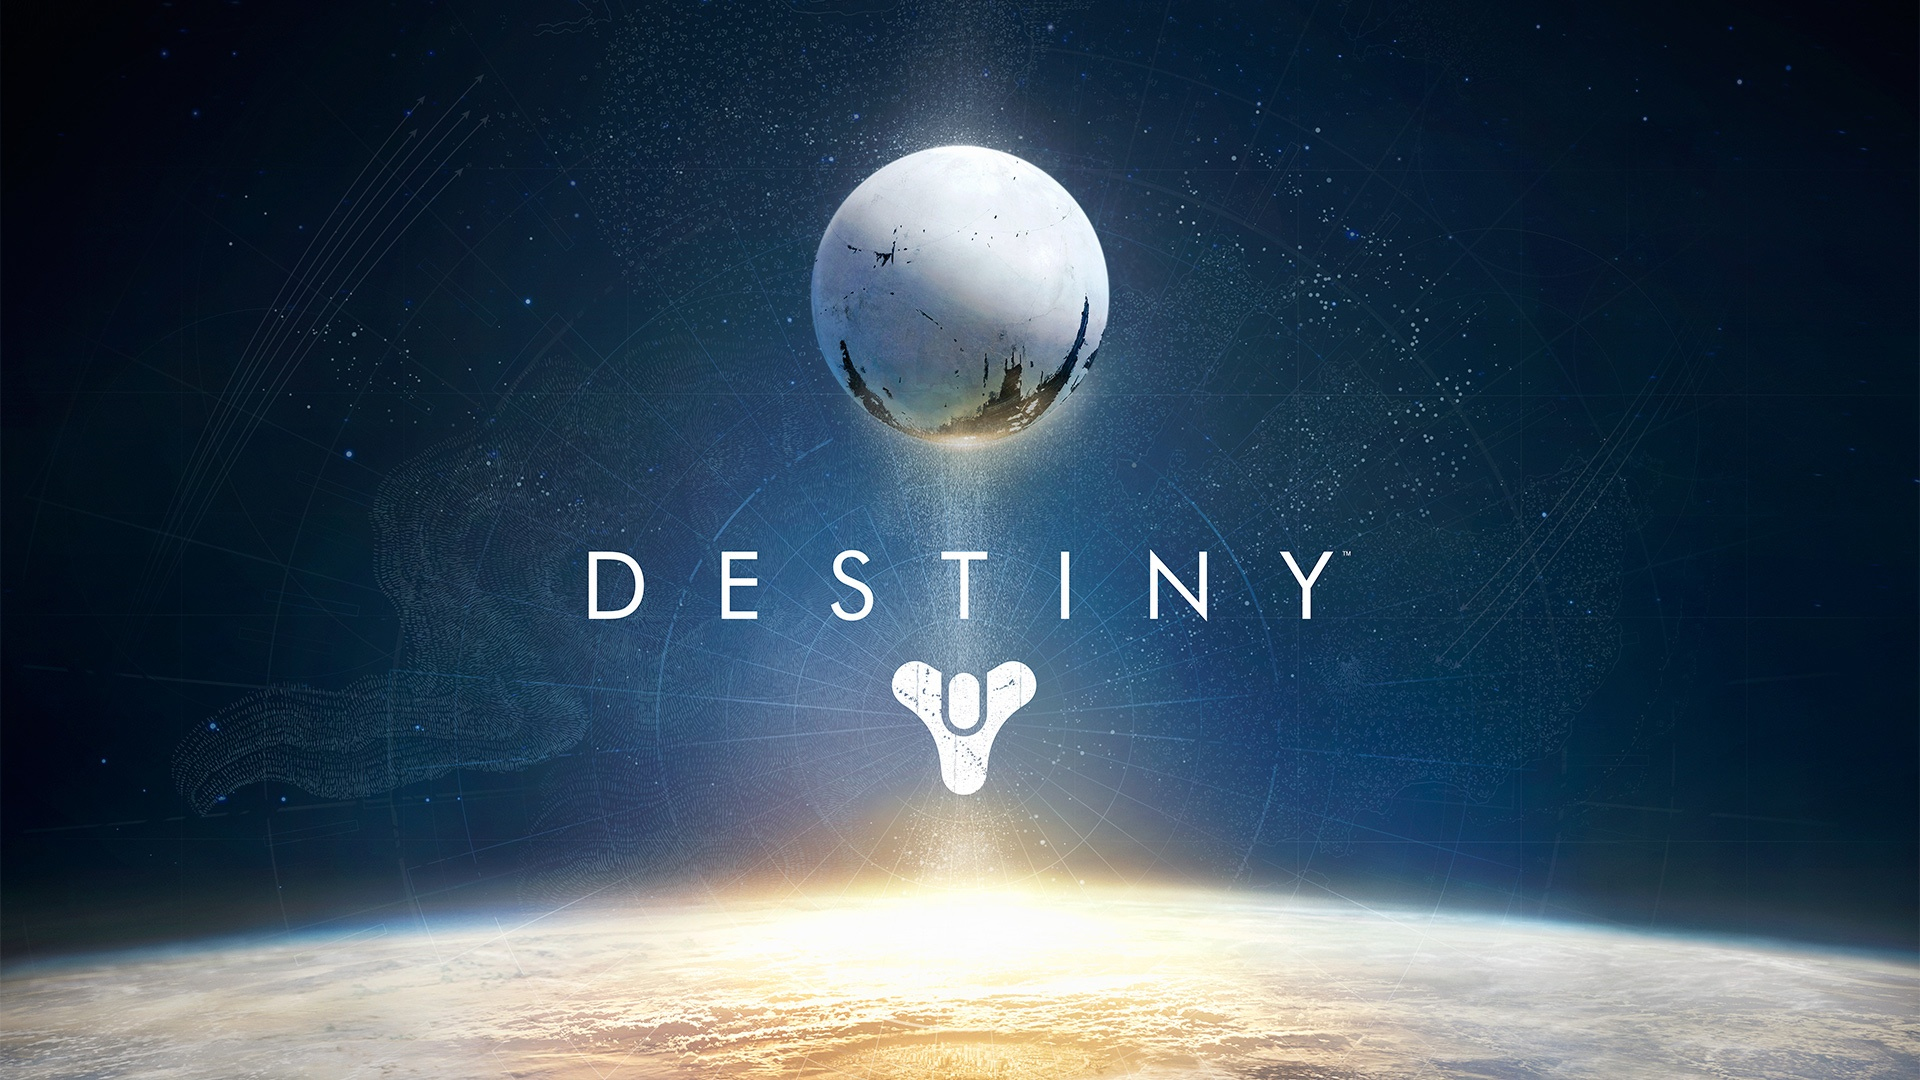 Destiny logo clipart clip art free download Destiny game clipart - ClipartFest clip art free download